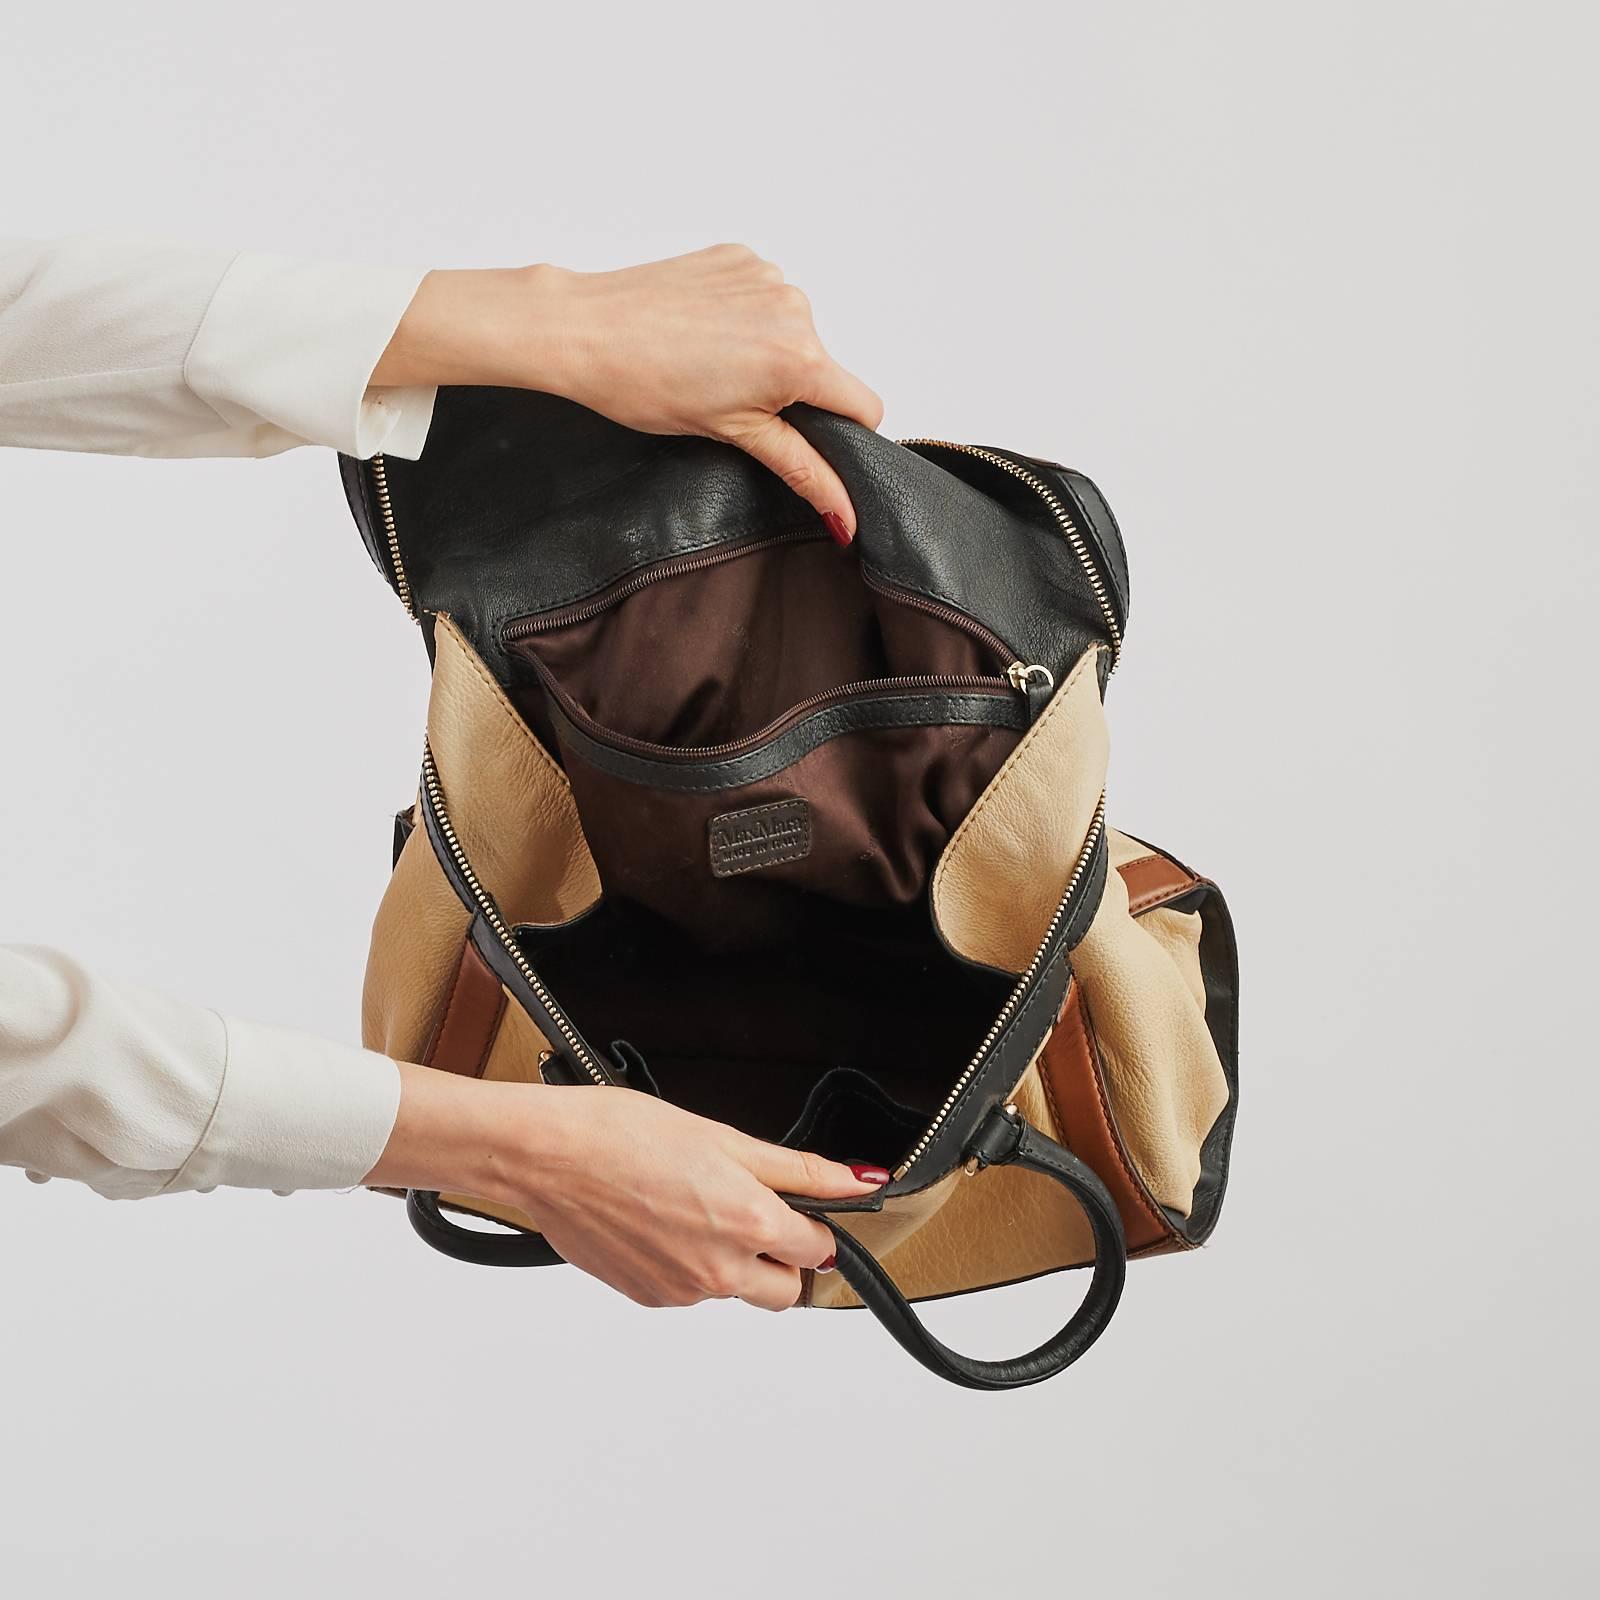 сумка макс мара купить в москве